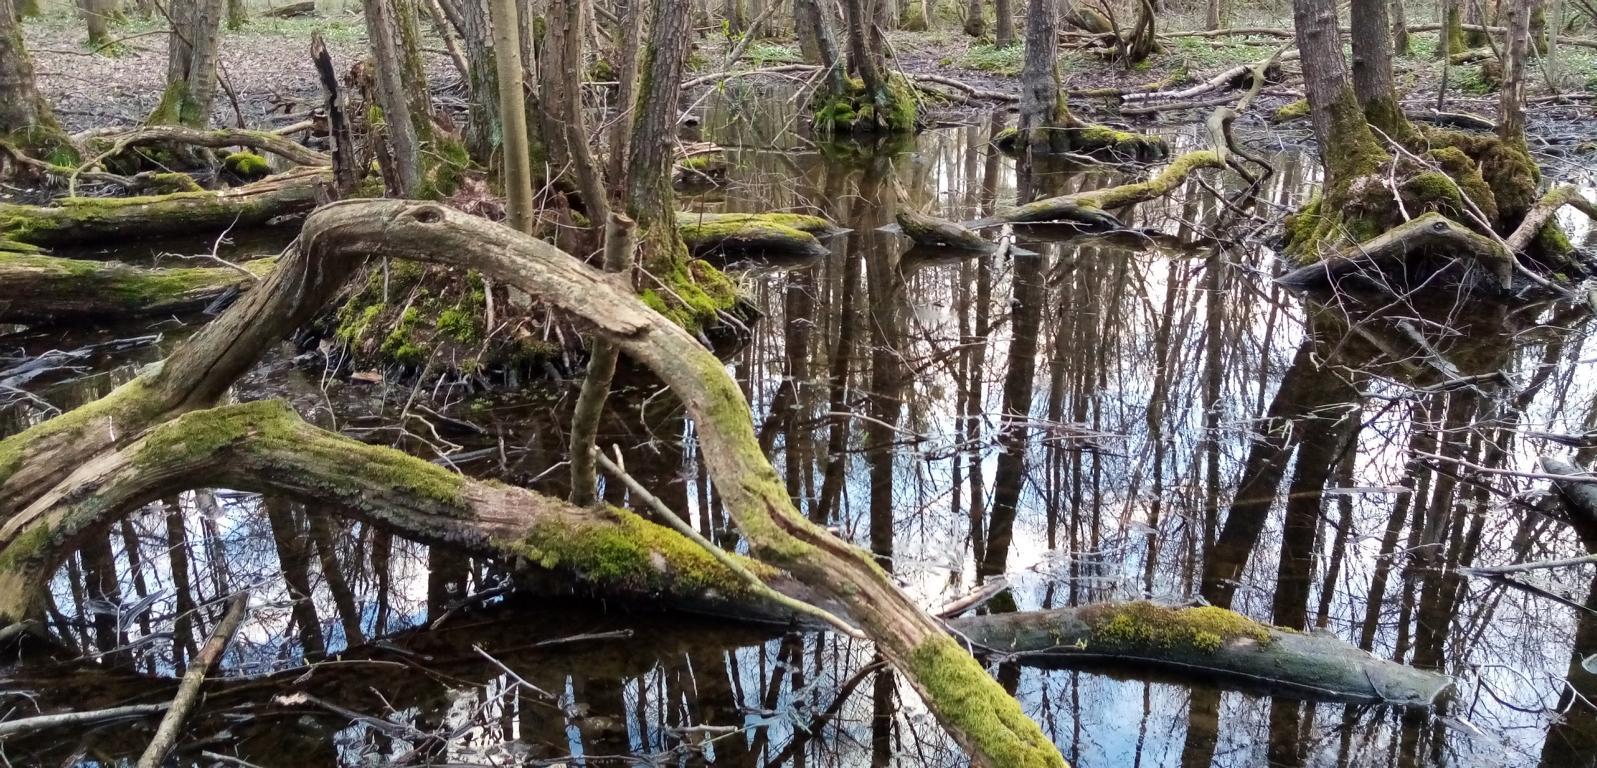 Sumpfige Stellen im Lappwald. Foto: ÖNSA/N.Feige